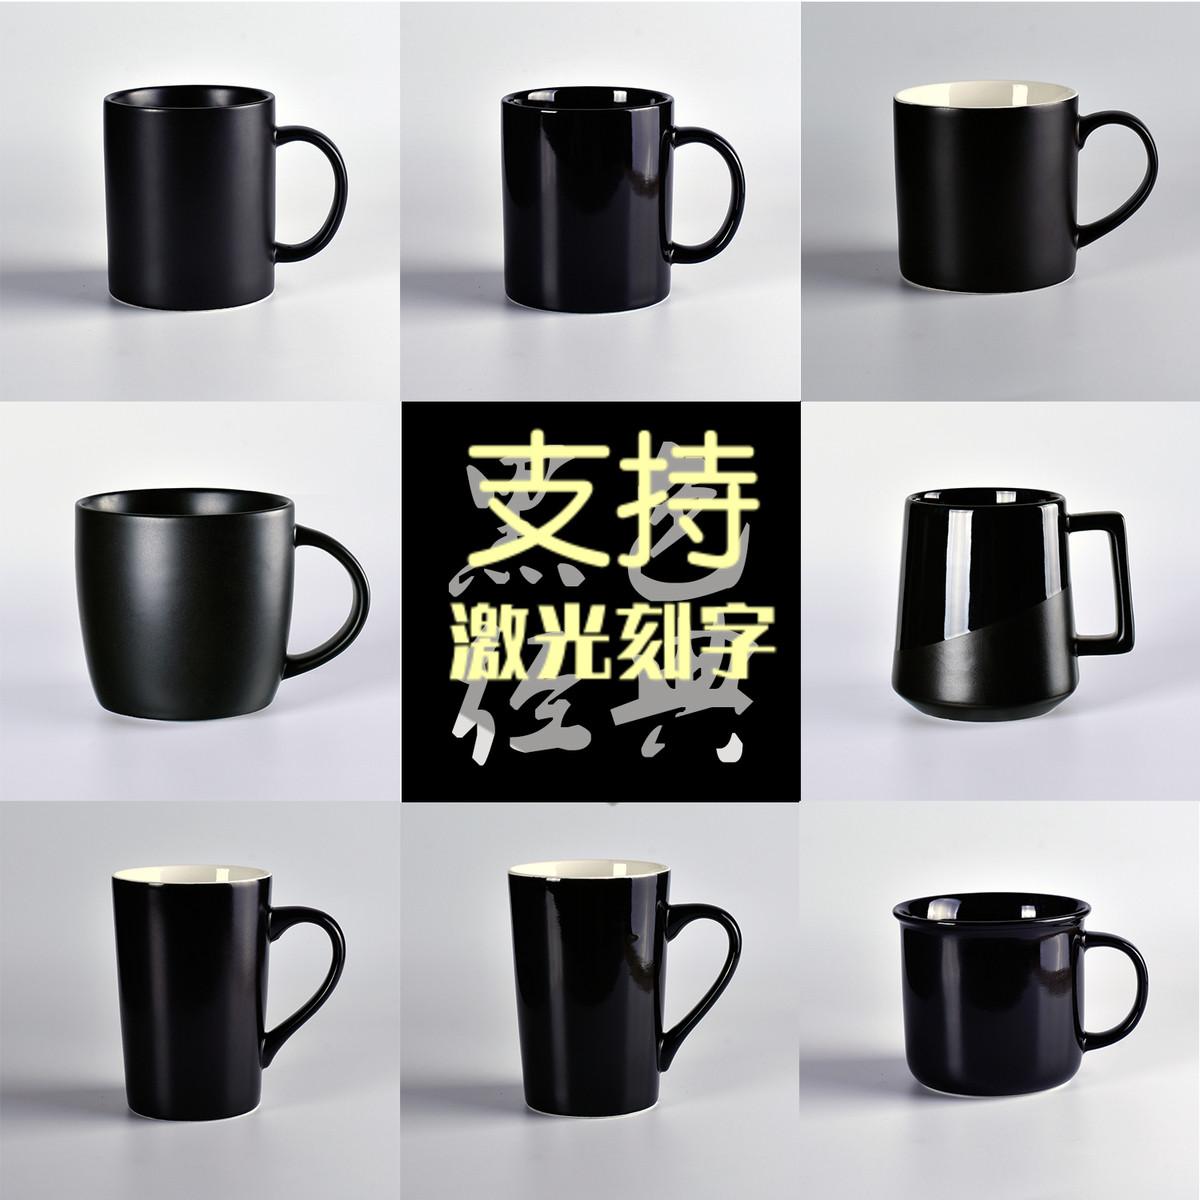 亚黑色马克杯定制LOGO个性简约陶瓷杯子大容量男带盖勺雕刻字订制